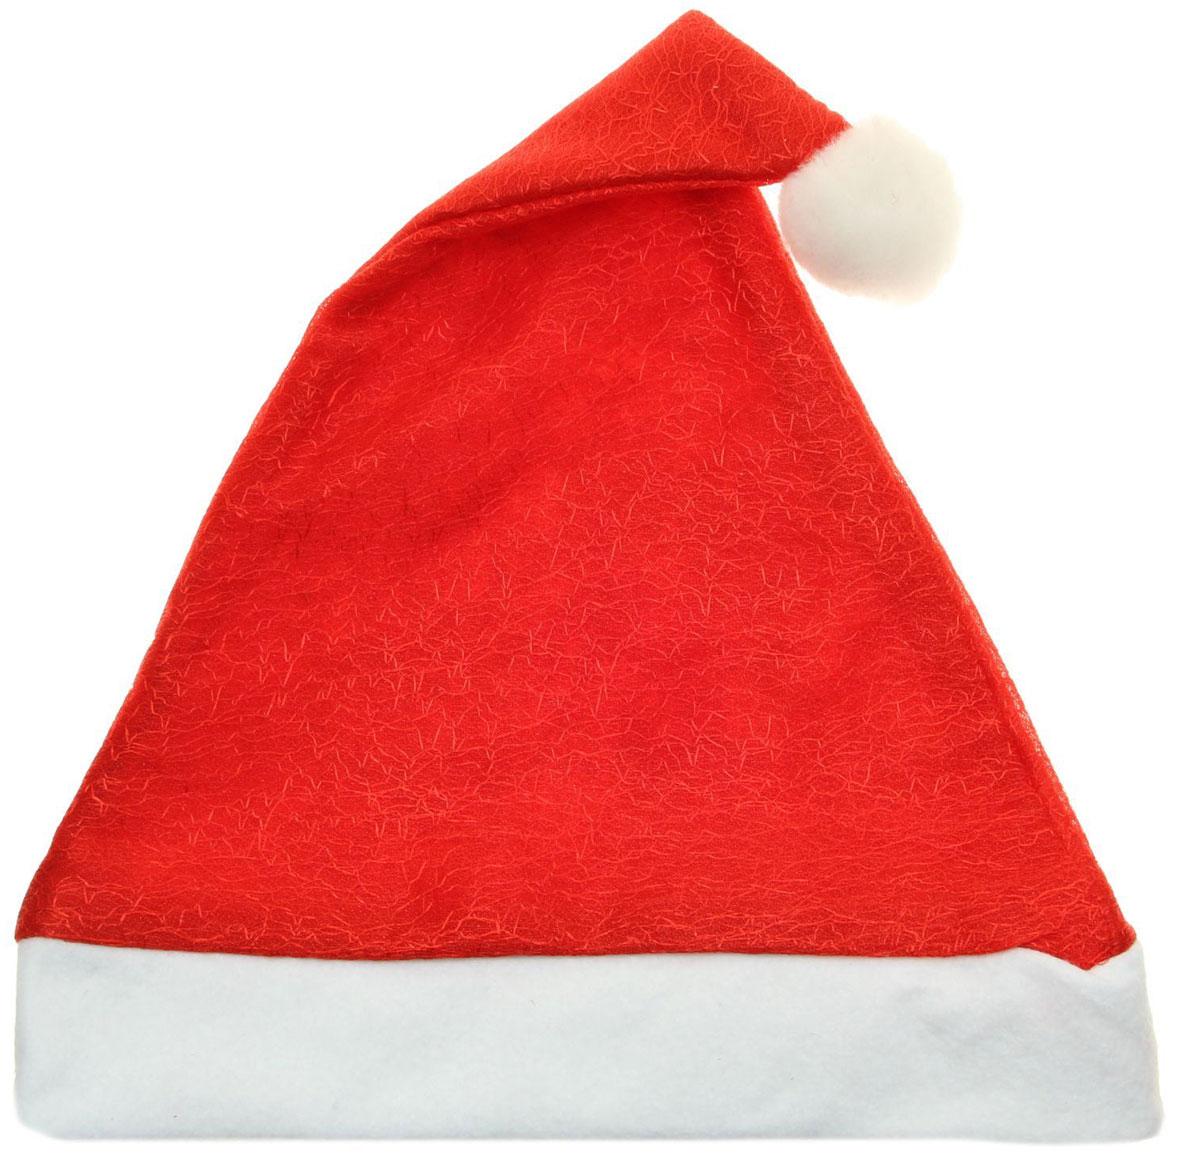 Колпак новогодний Кракле, 28 х 40 см. 13906421390642Поддайтесь новогоднему веселью на полную катушку! Забавный колпак в секунду создаст праздничное настроение, будь то поздравление ребятишек или вечеринка с друзьями. Размер изделия универсальный: аксессуар подойдет как для ребенка, так и для взрослого. А мягкий текстиль позволит носить колпак с комфортом на протяжении всей новогодней ночи.